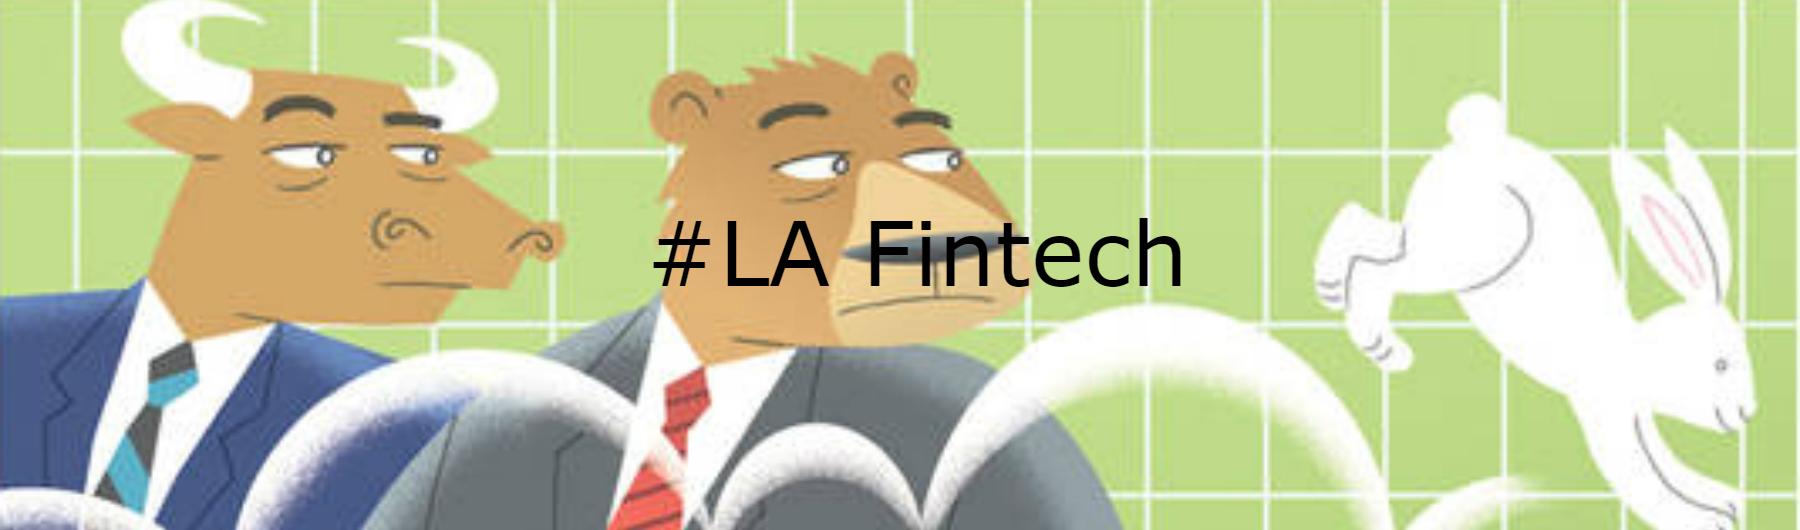 LA Fintech & Crypto213 Mix Mingle Network